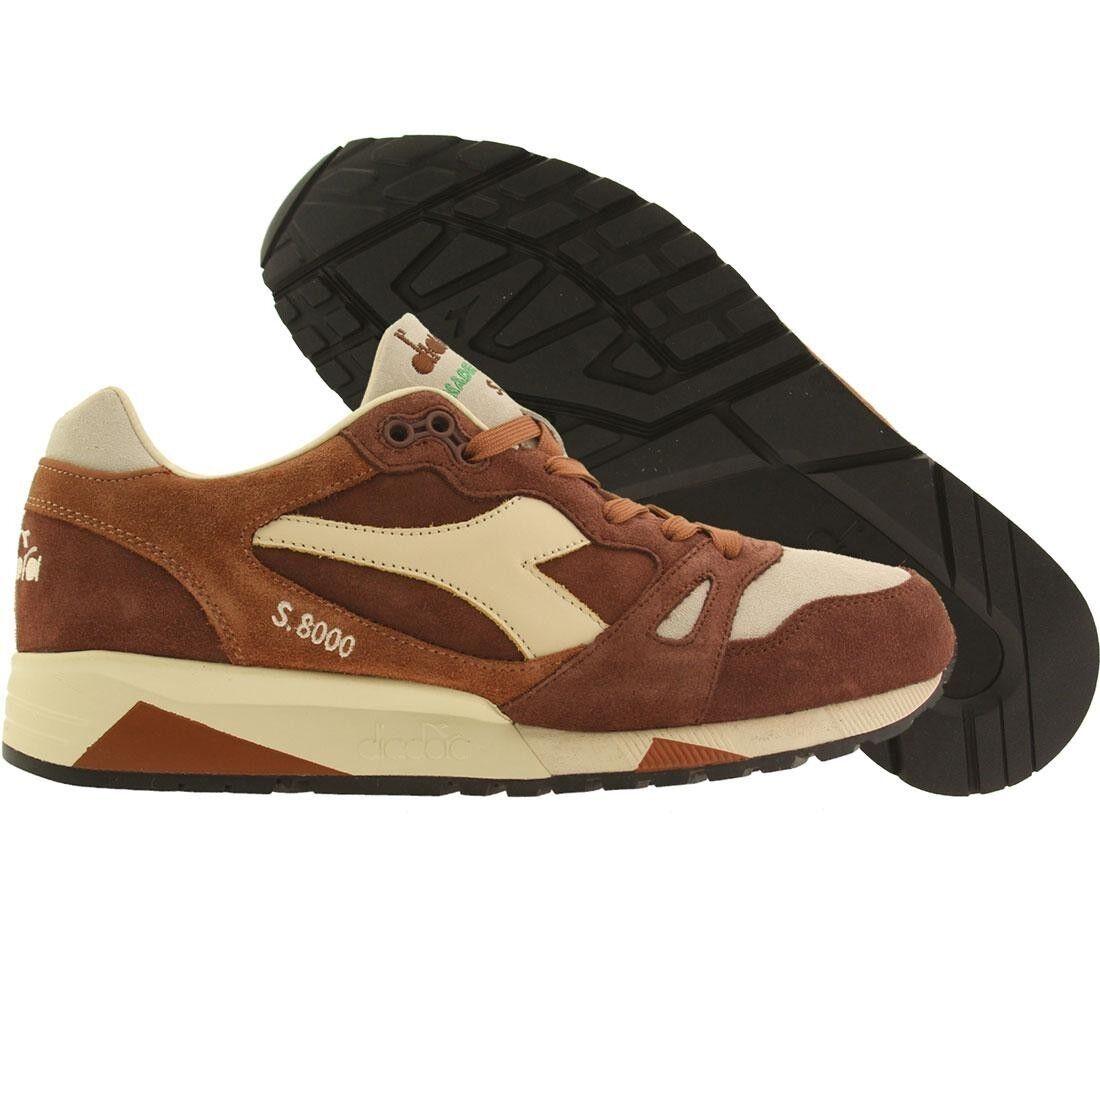 0.00 Diadora uomo S8000 S Ita brown mushroom 16166130026 Scarpe classiche da uomo